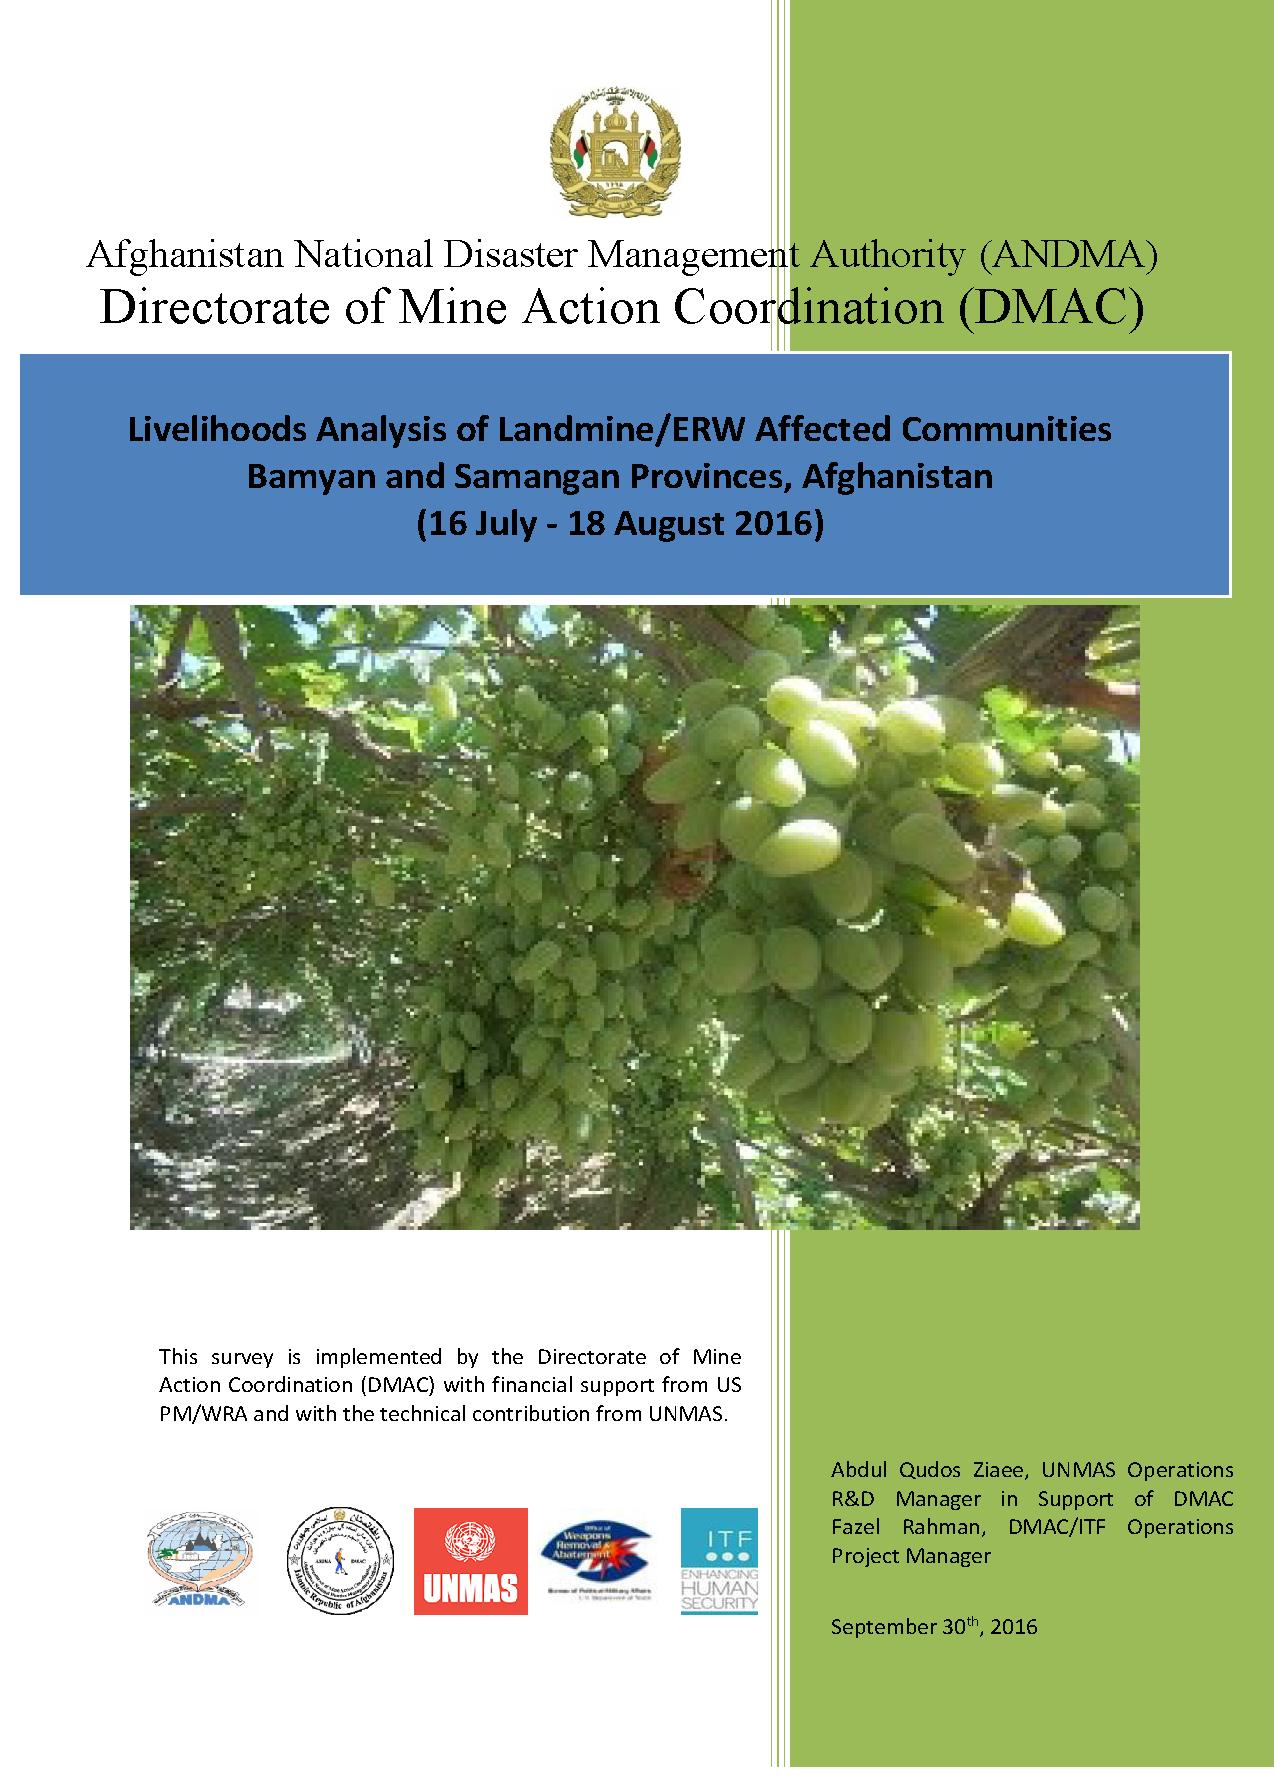 MAPA Landmine & Livelihood Survey-REPORT 2016